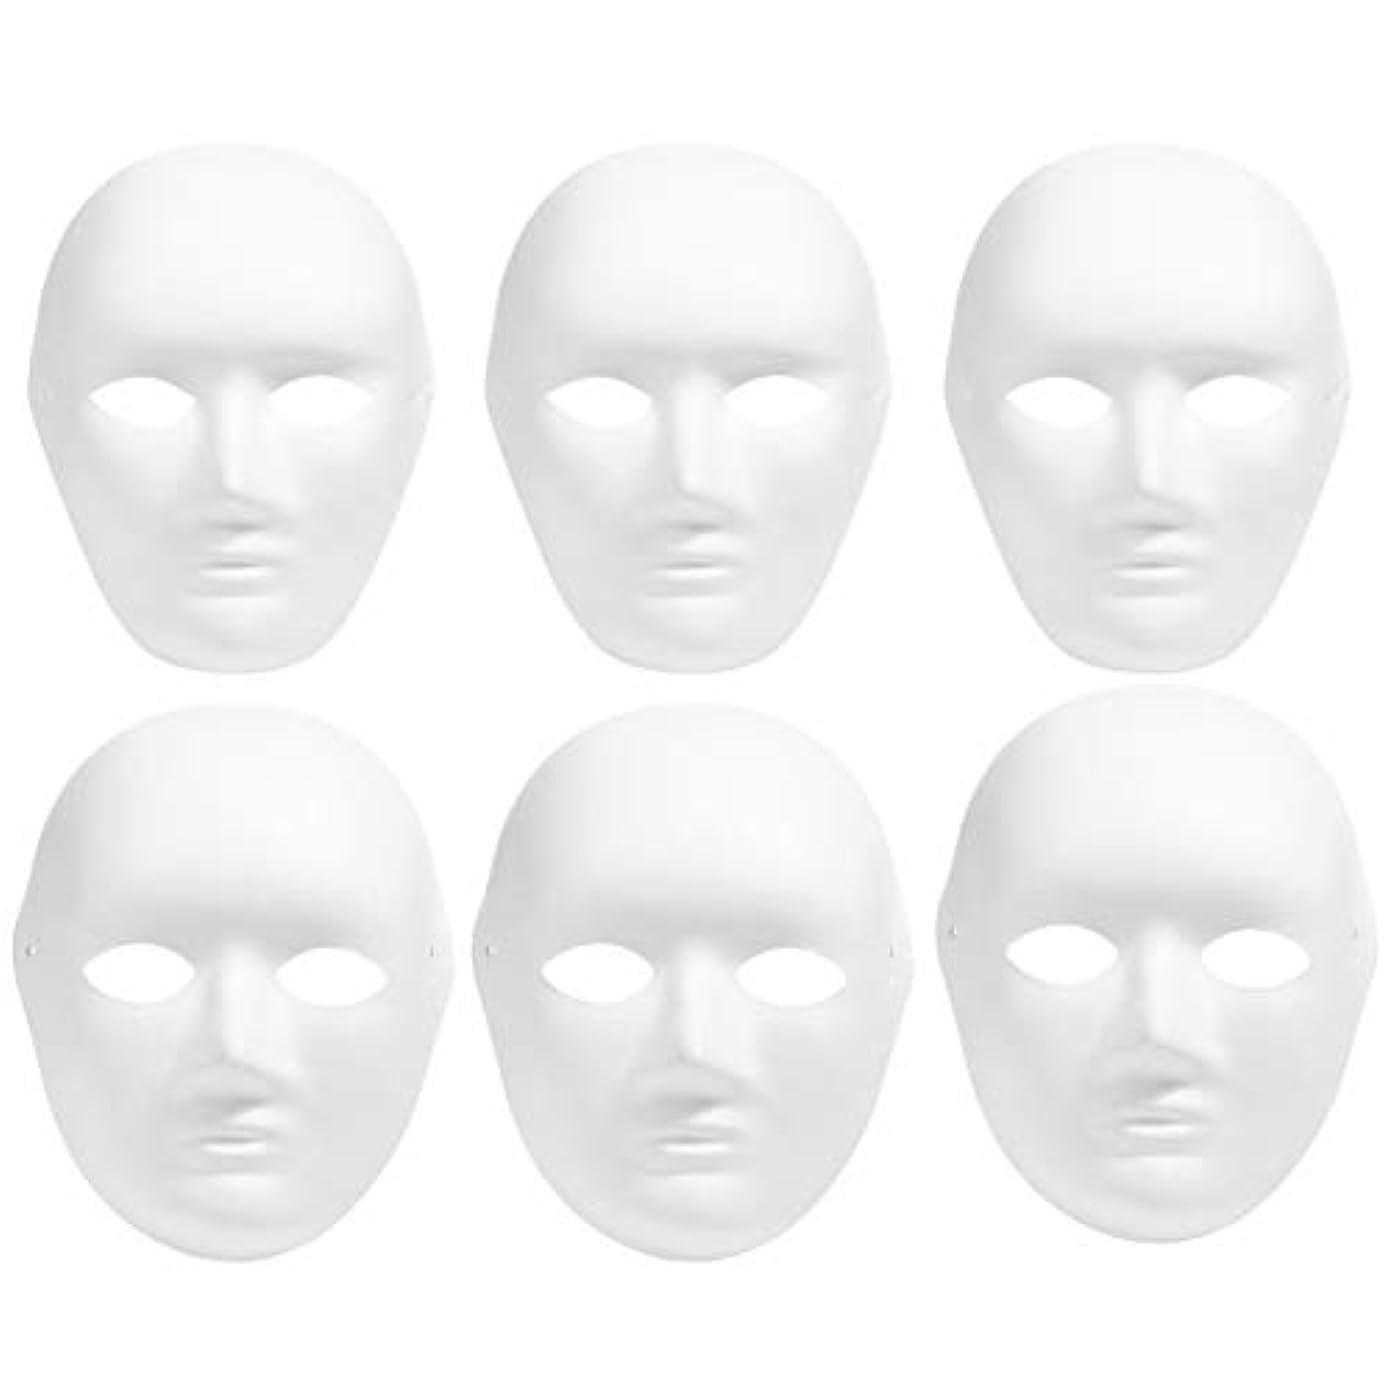 バルコニー生理正確さマスク ハロウィン 怖い 白い人面マスク ハロウィンマスク ハロウィン 仮装 仮面 コスプレ 6*男性?6*女性